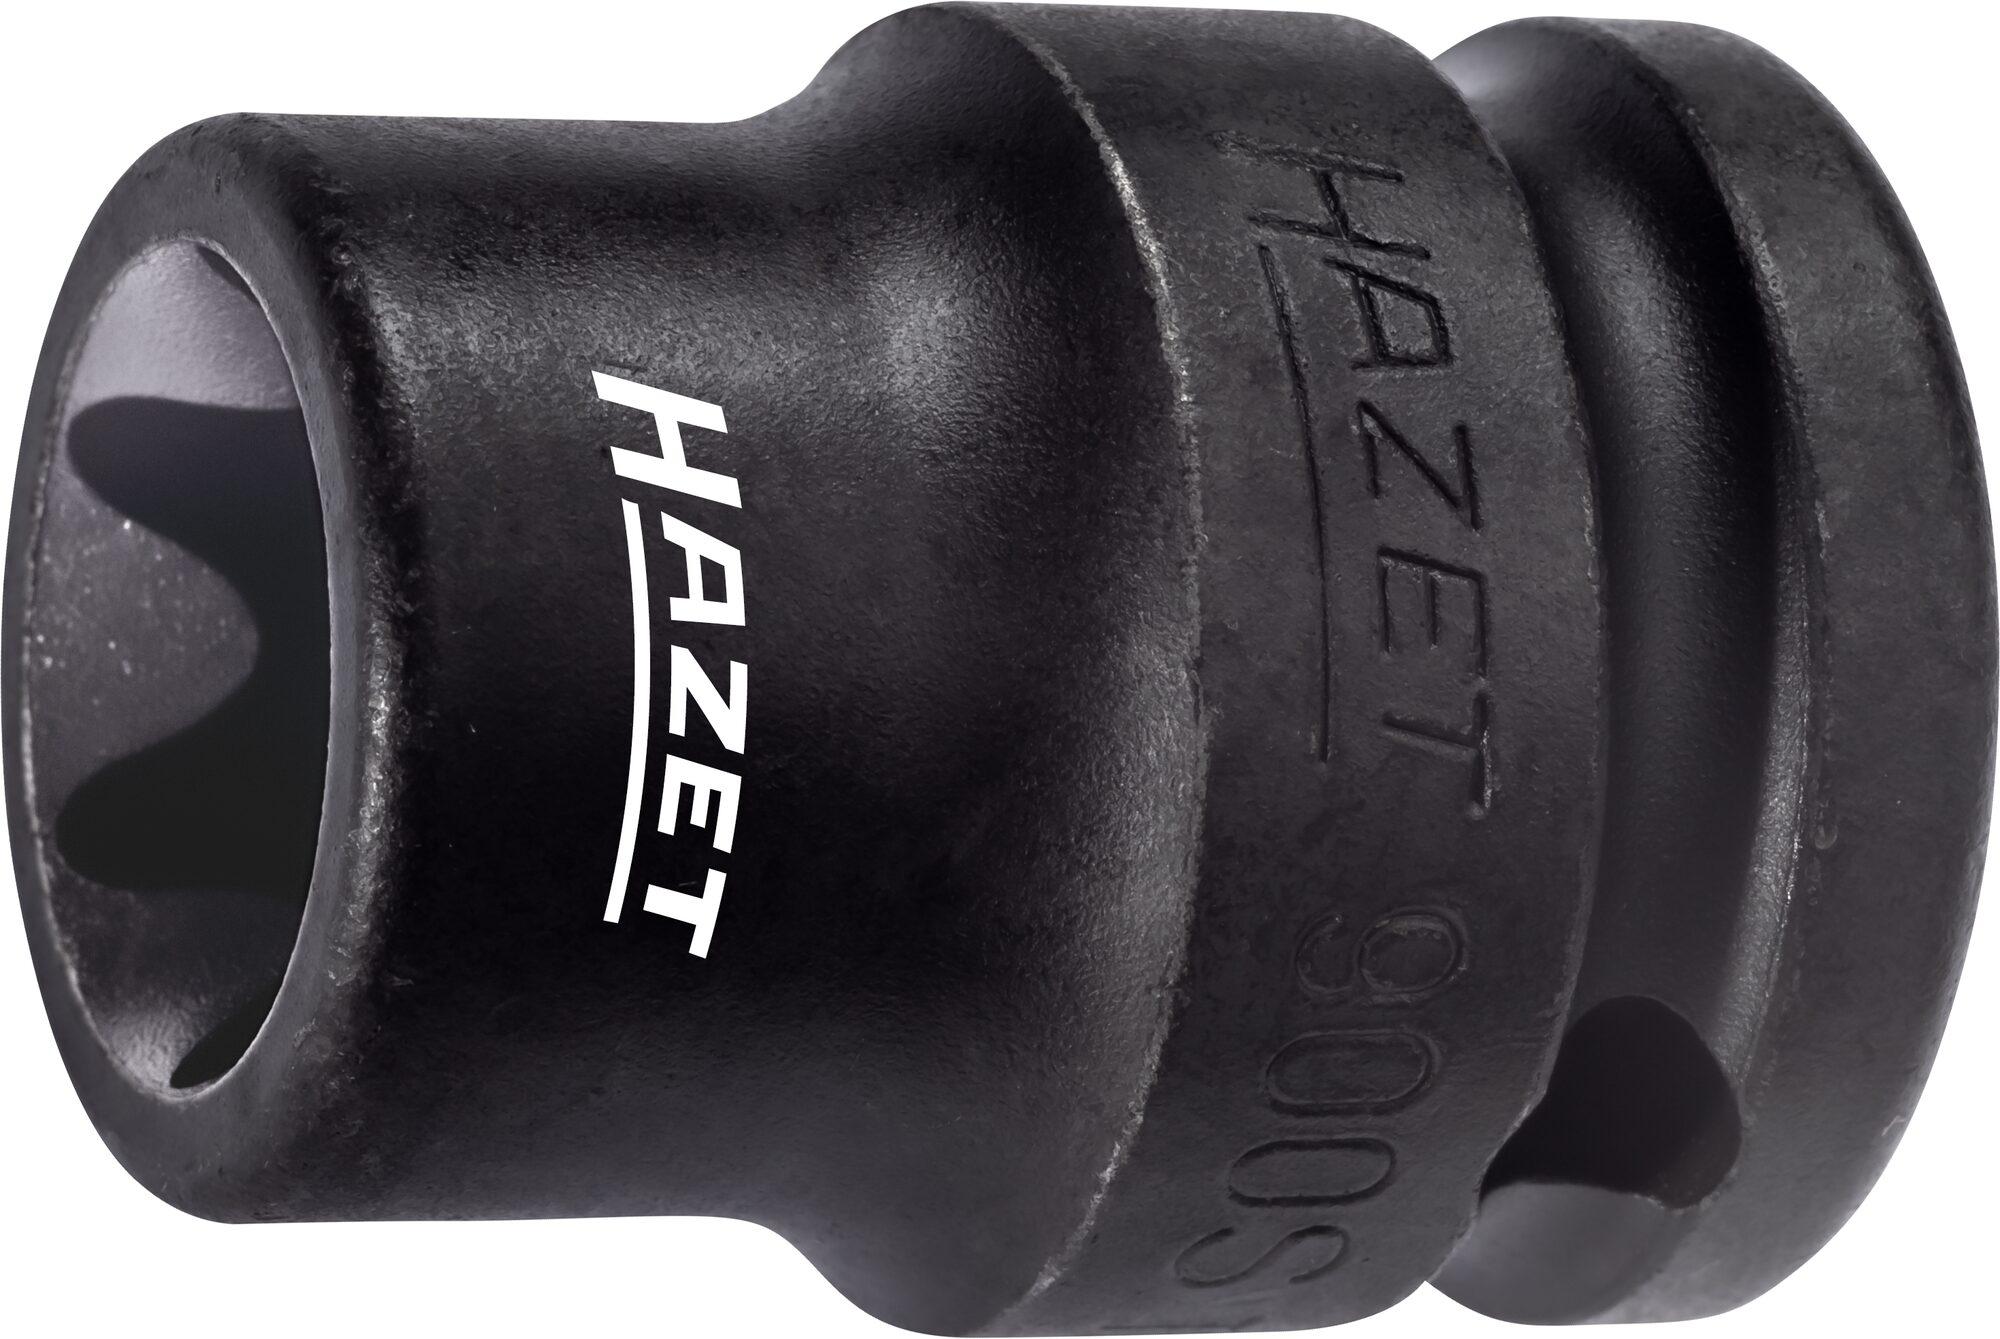 HAZET Schlag- ∙ Maschinenschrauber Steckschlüsseleinsatz ∙ TORX® 900S-E24 ∙ Vierkant hohl 12,5 mm (1/2 Zoll) ∙ E24